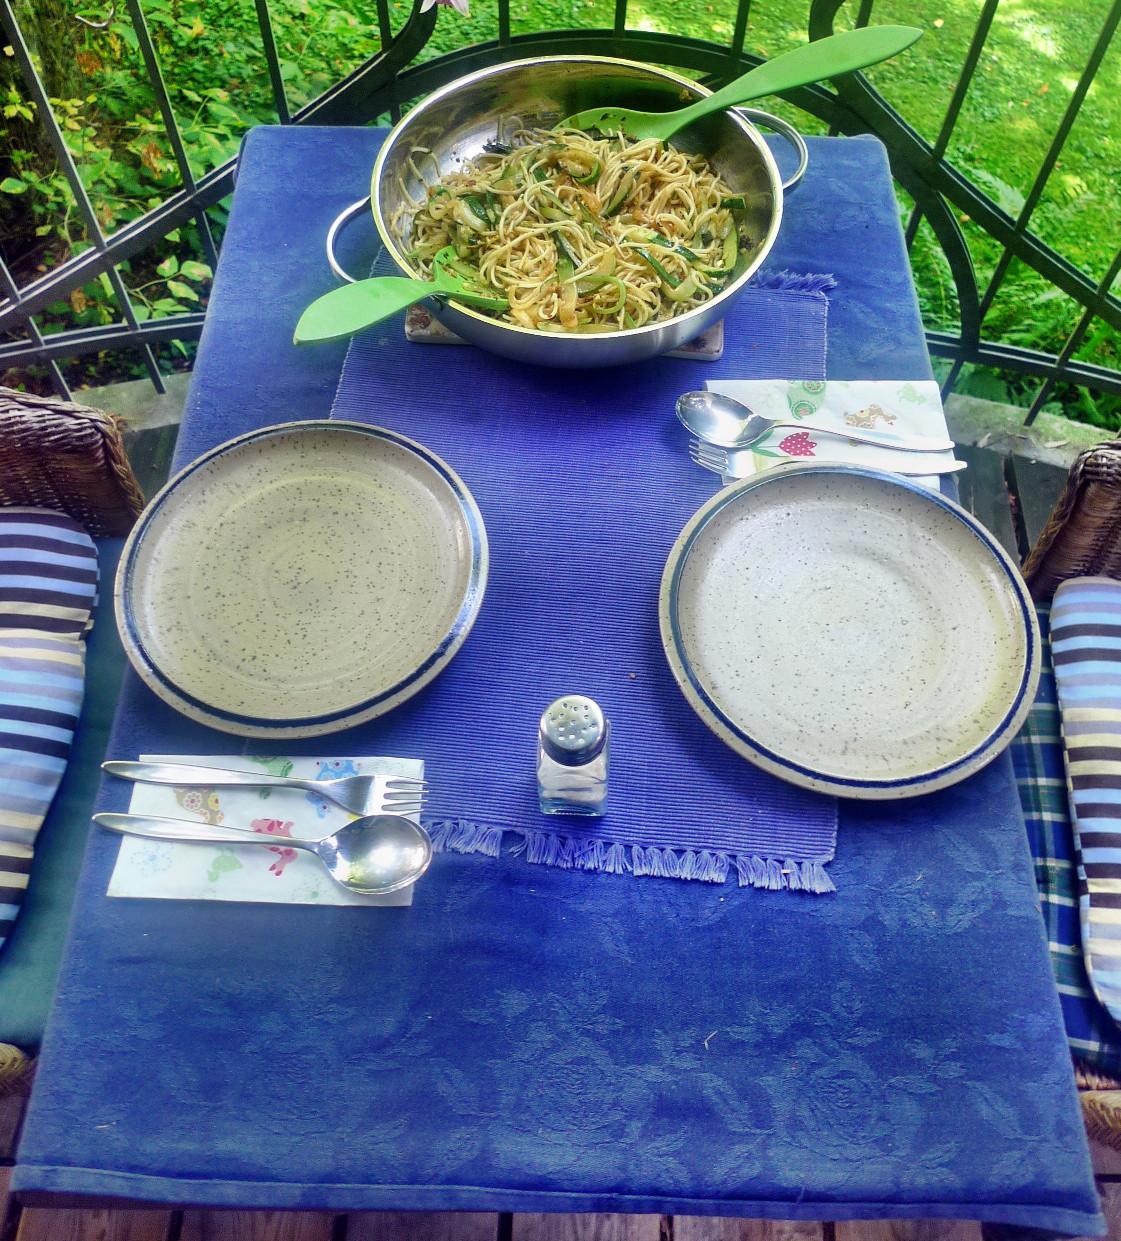 Spaghetti-Zucchinipfanne-27.8.14   (8)